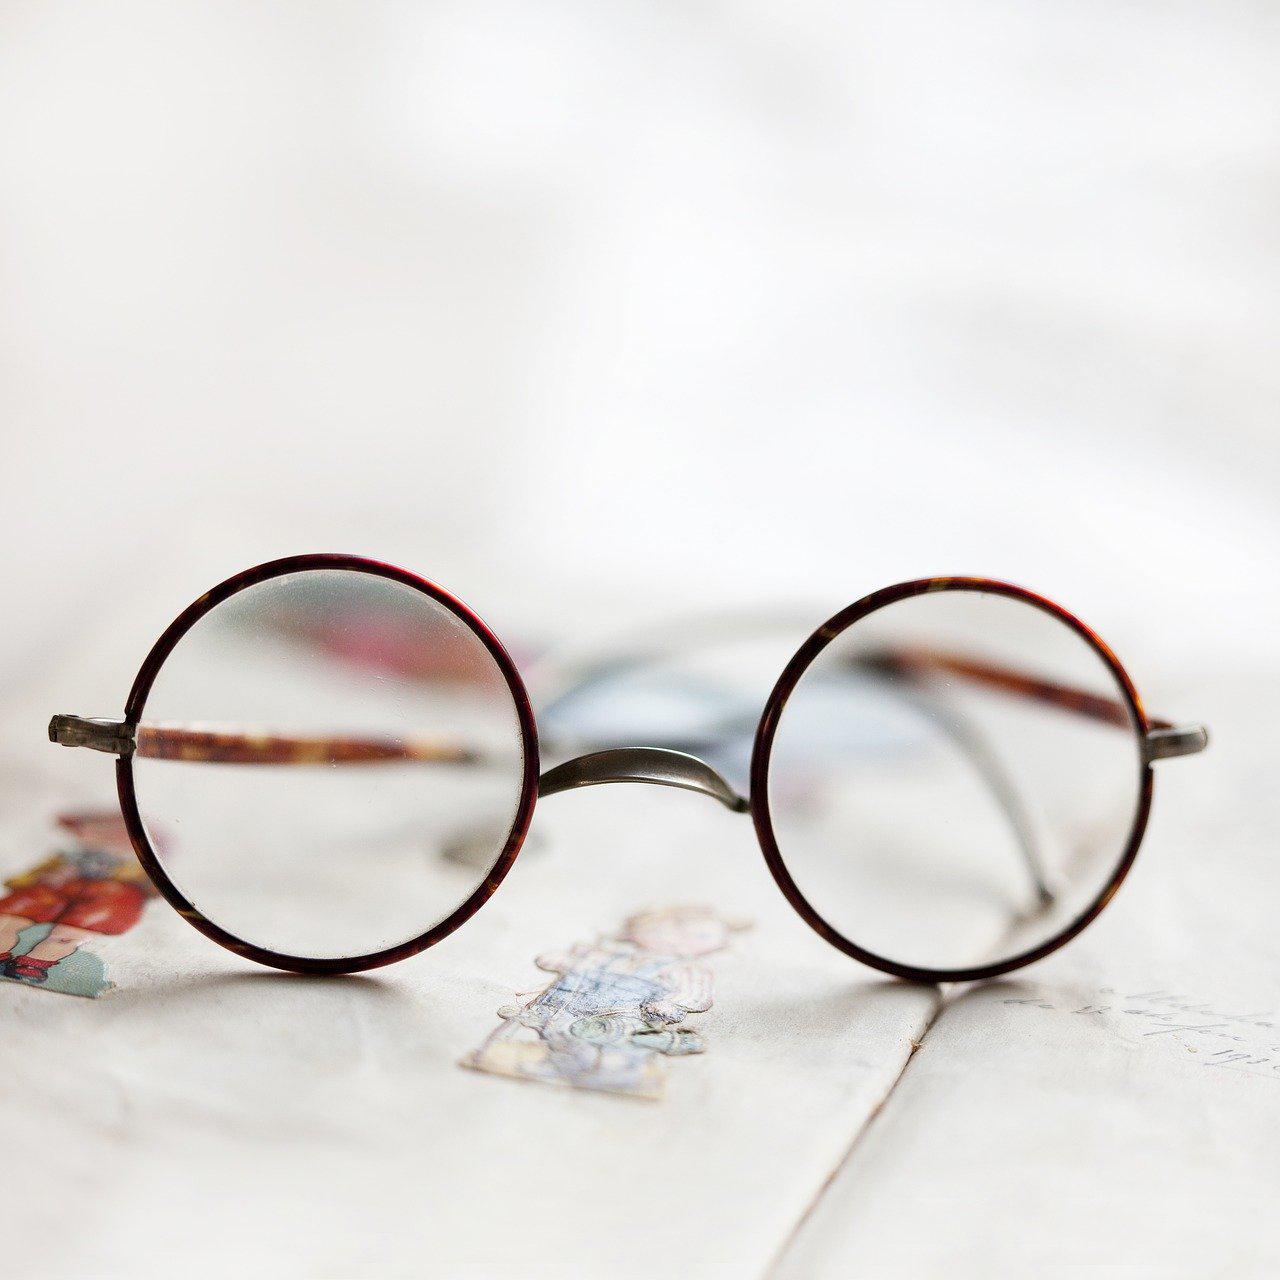 glasses-2564550_1280